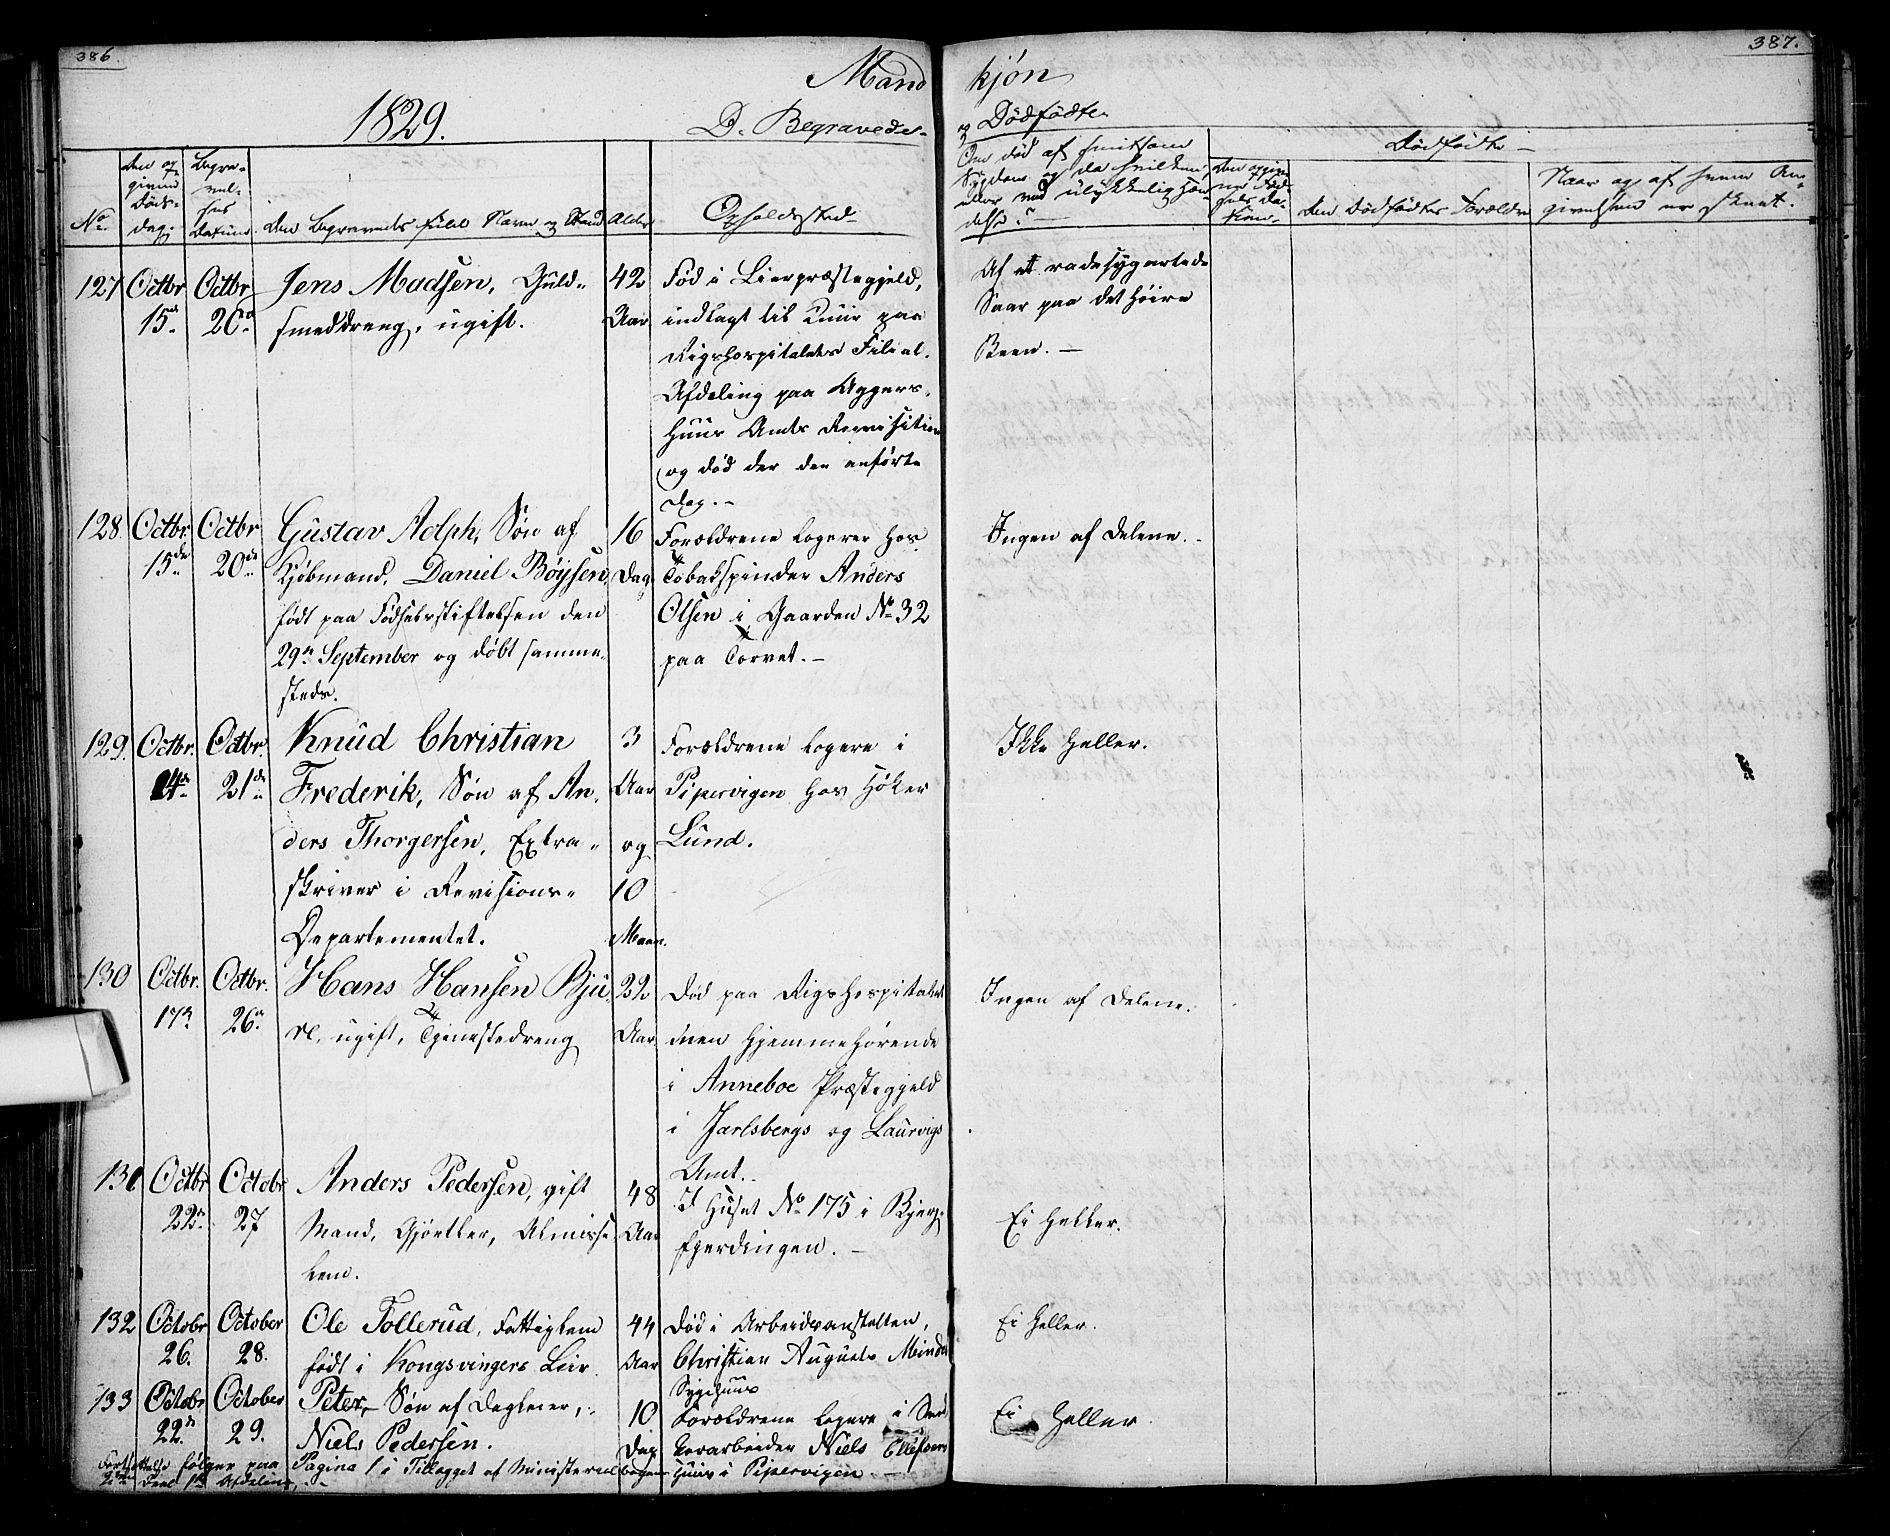 SAO, Oslo domkirke Kirkebøker, F/Fa/L0022: Ministerialbok nr. 22, 1824-1829, s. 386-387